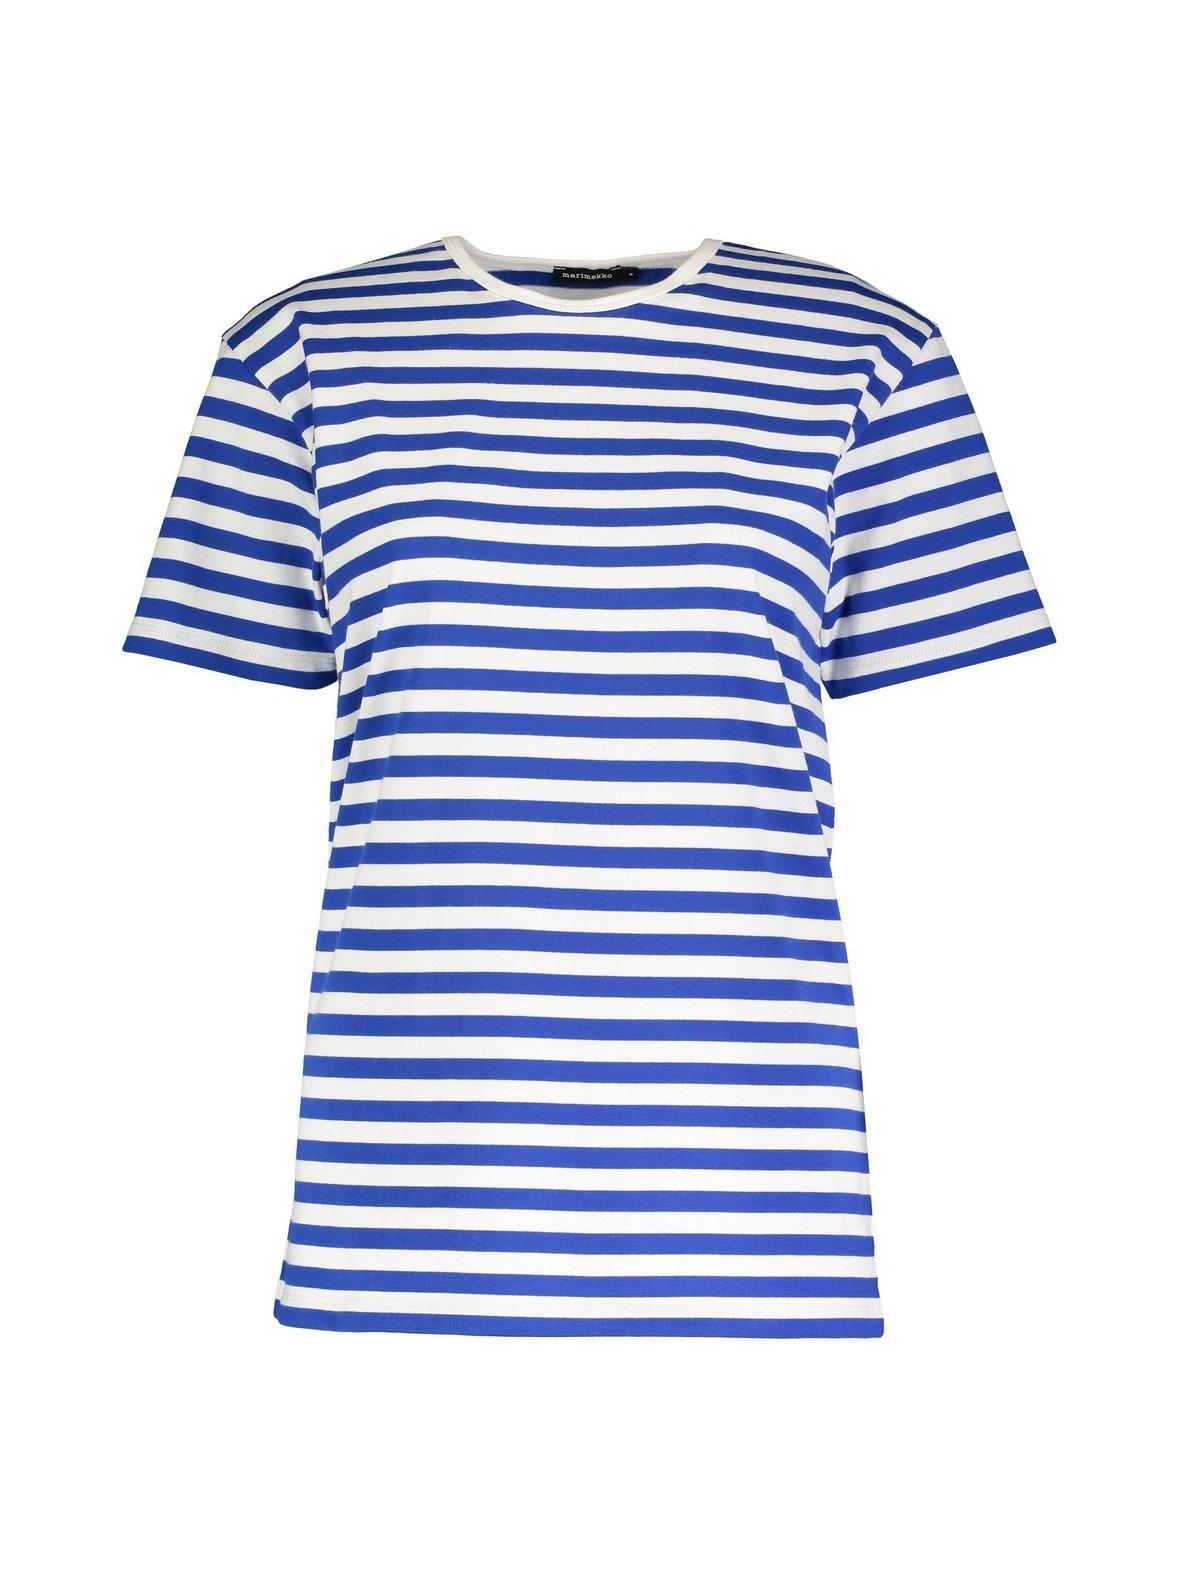 Sininen valkoinen Marimekko Lyhythiha 044734 T-paita  0c5949e2b8